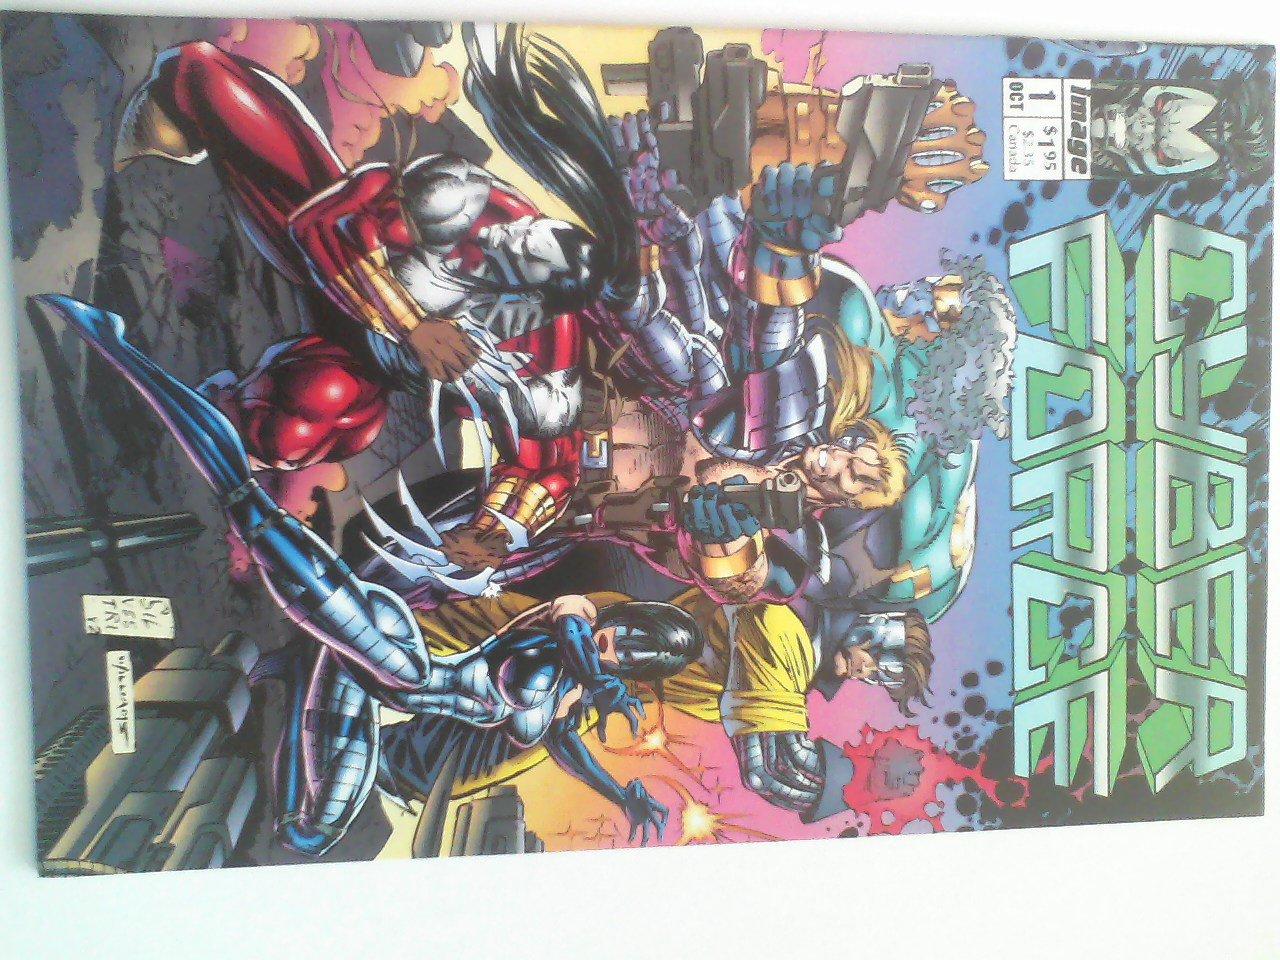 Cyberforce #0-4 1st appearance of Cyberforce